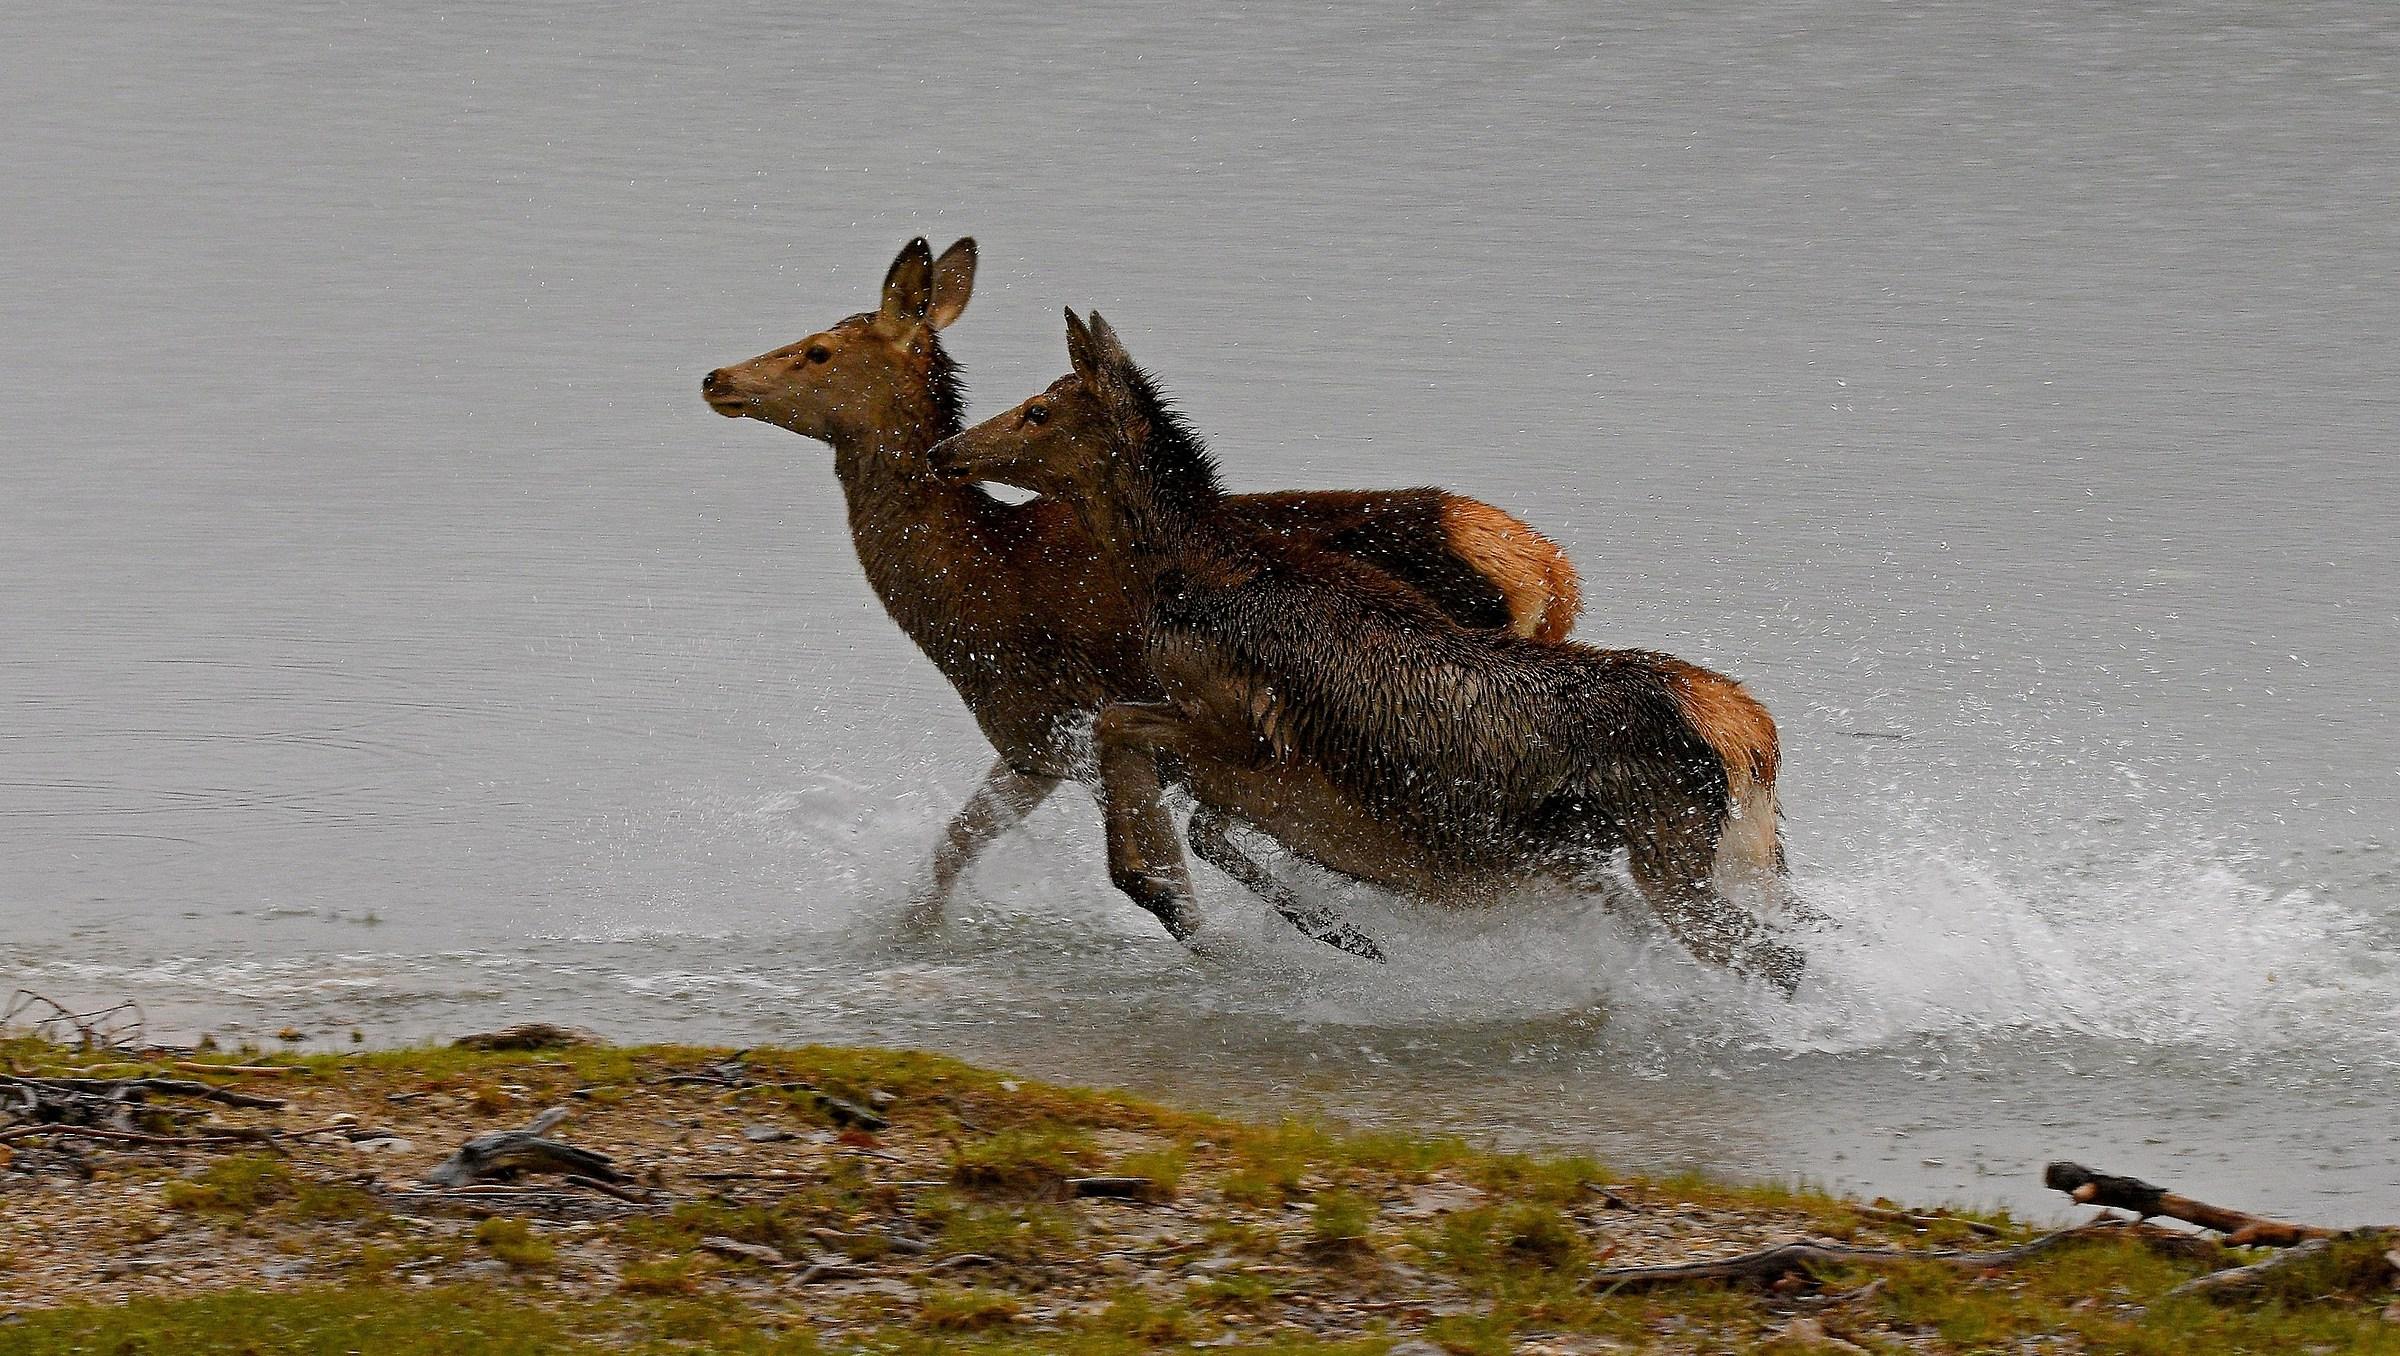 The race (Cervus elaphus)...